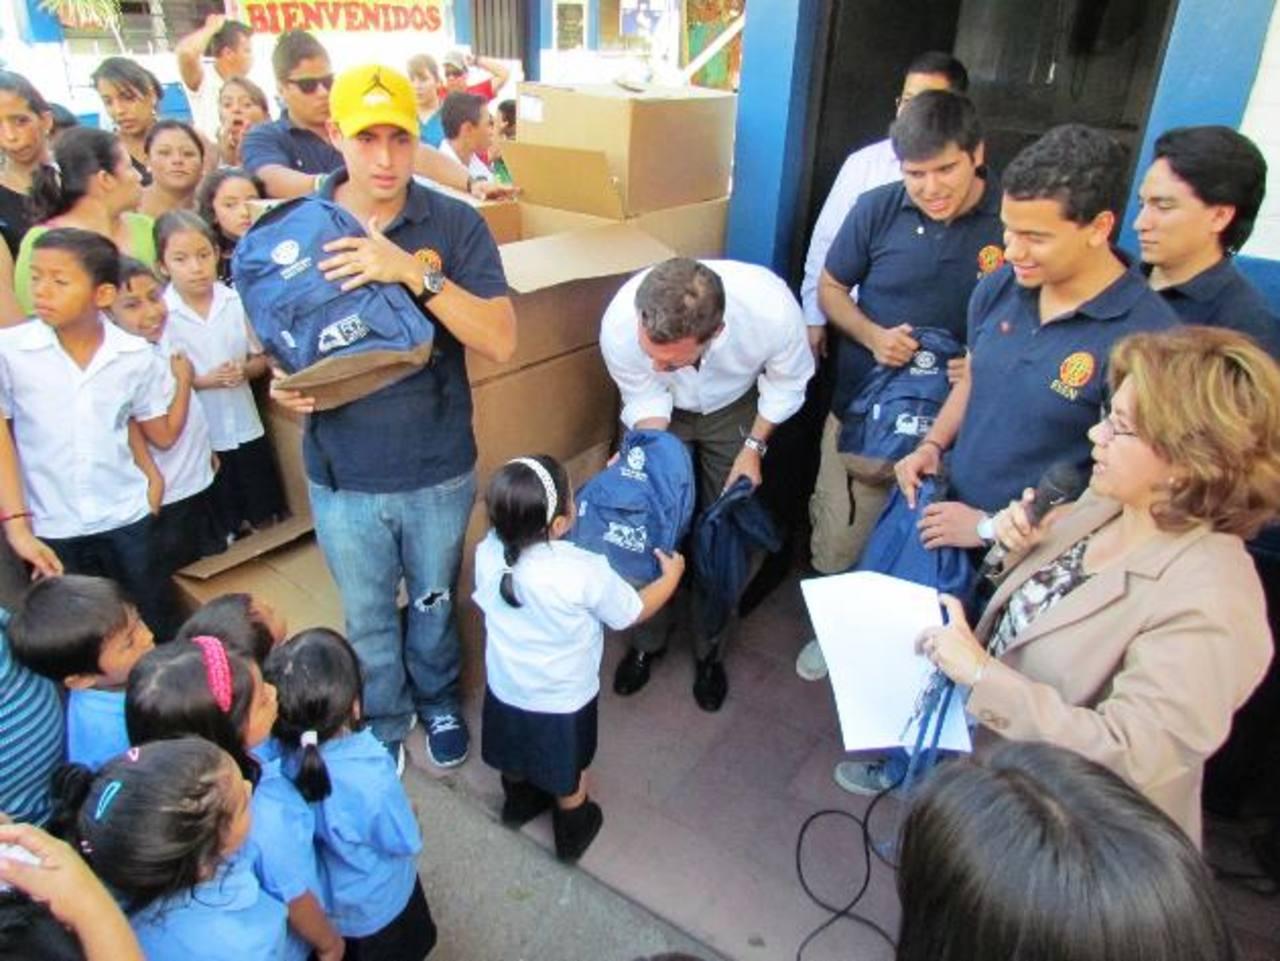 El director corporativo de Grupo Roble, Alberto Poma, entregó las mochilas a los alumnos del centro escolar. Foto EDH / Cortesía